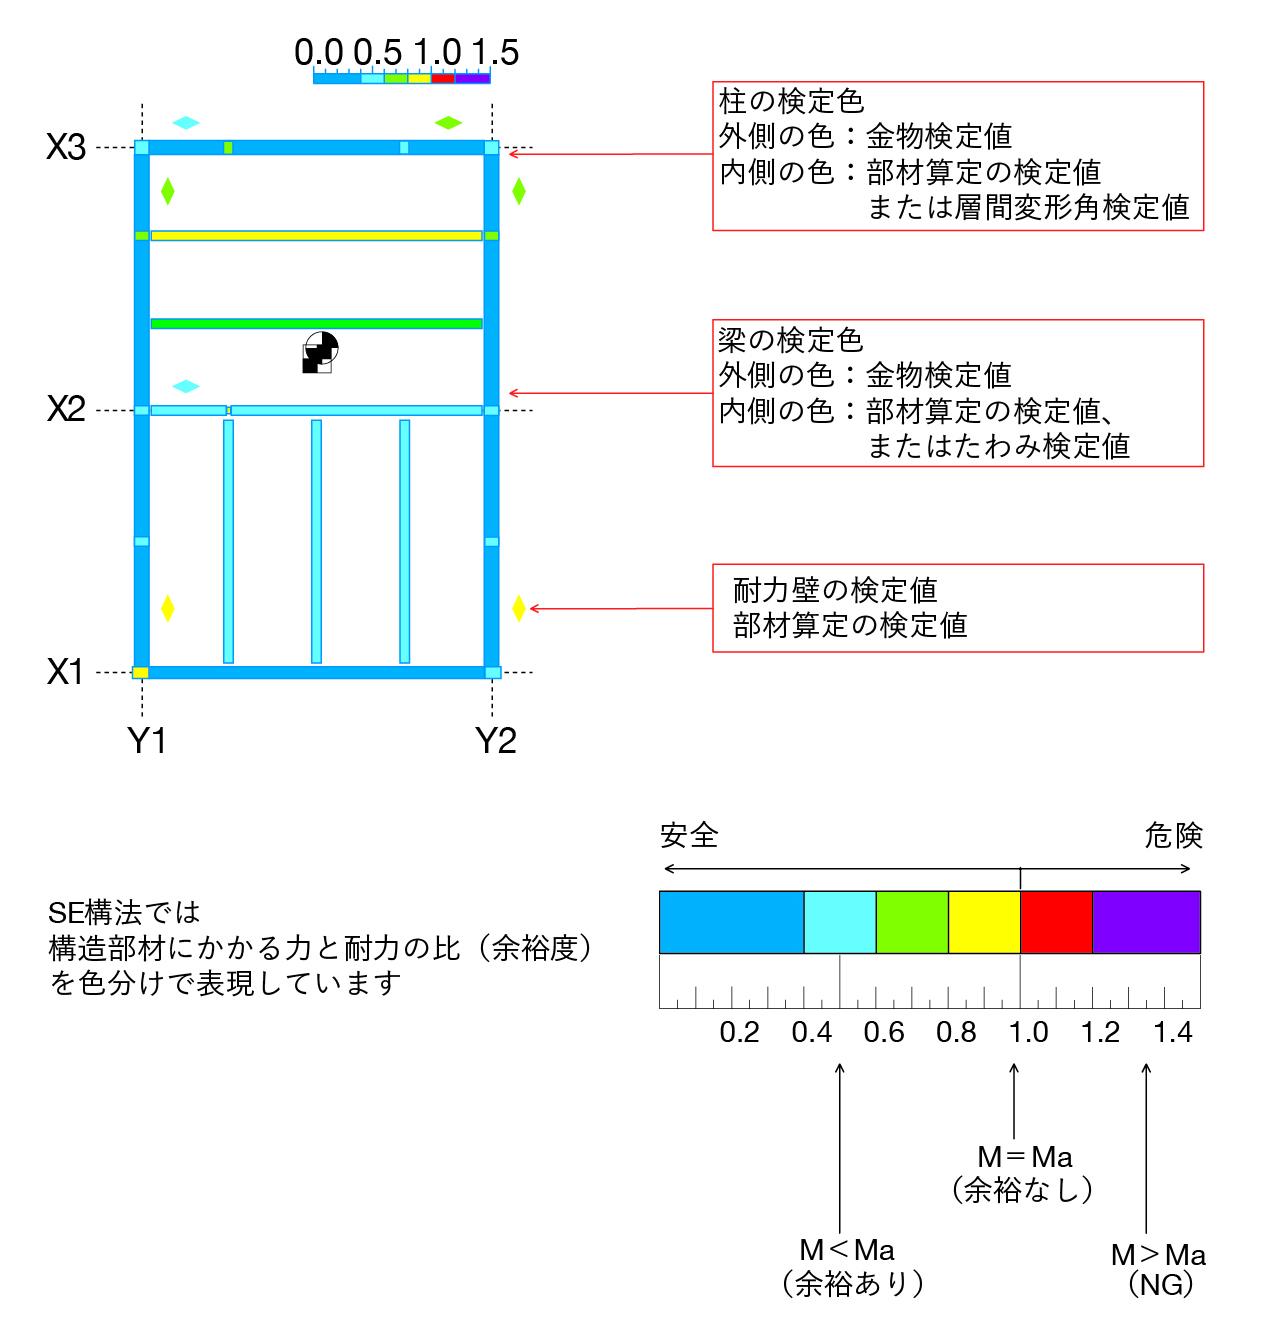 SE構法の構造システムの概要